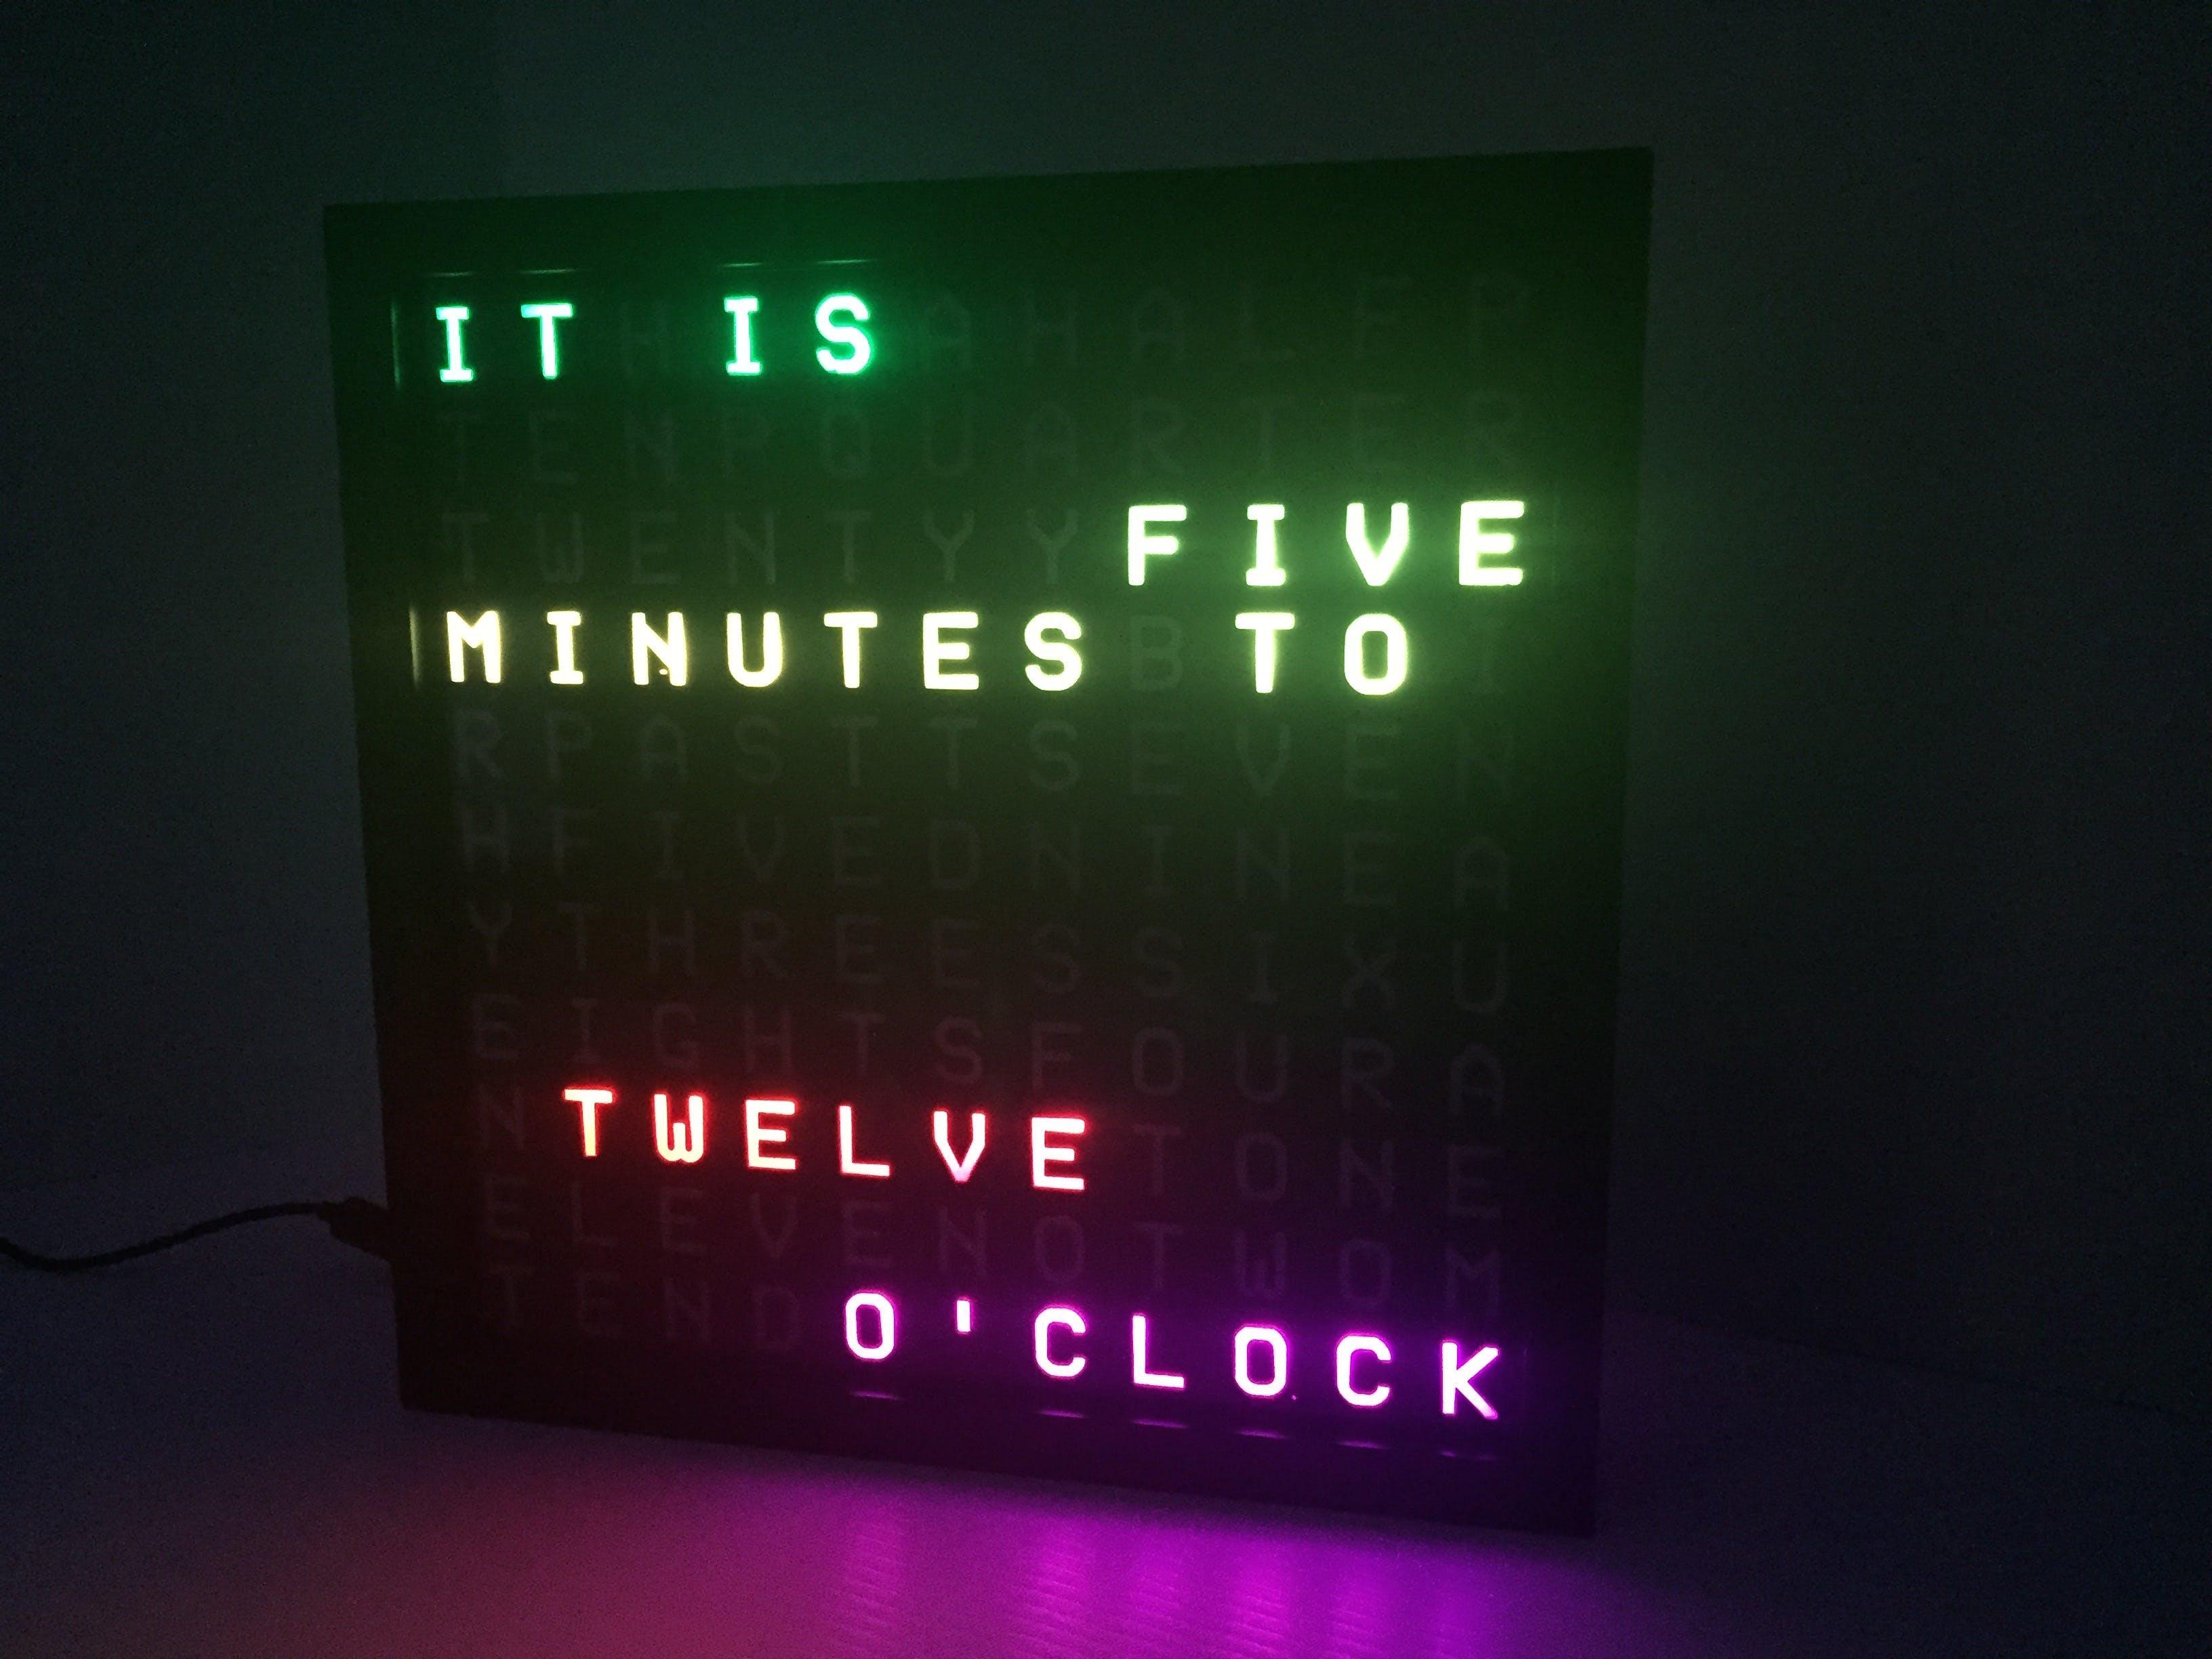 Word Clock v2